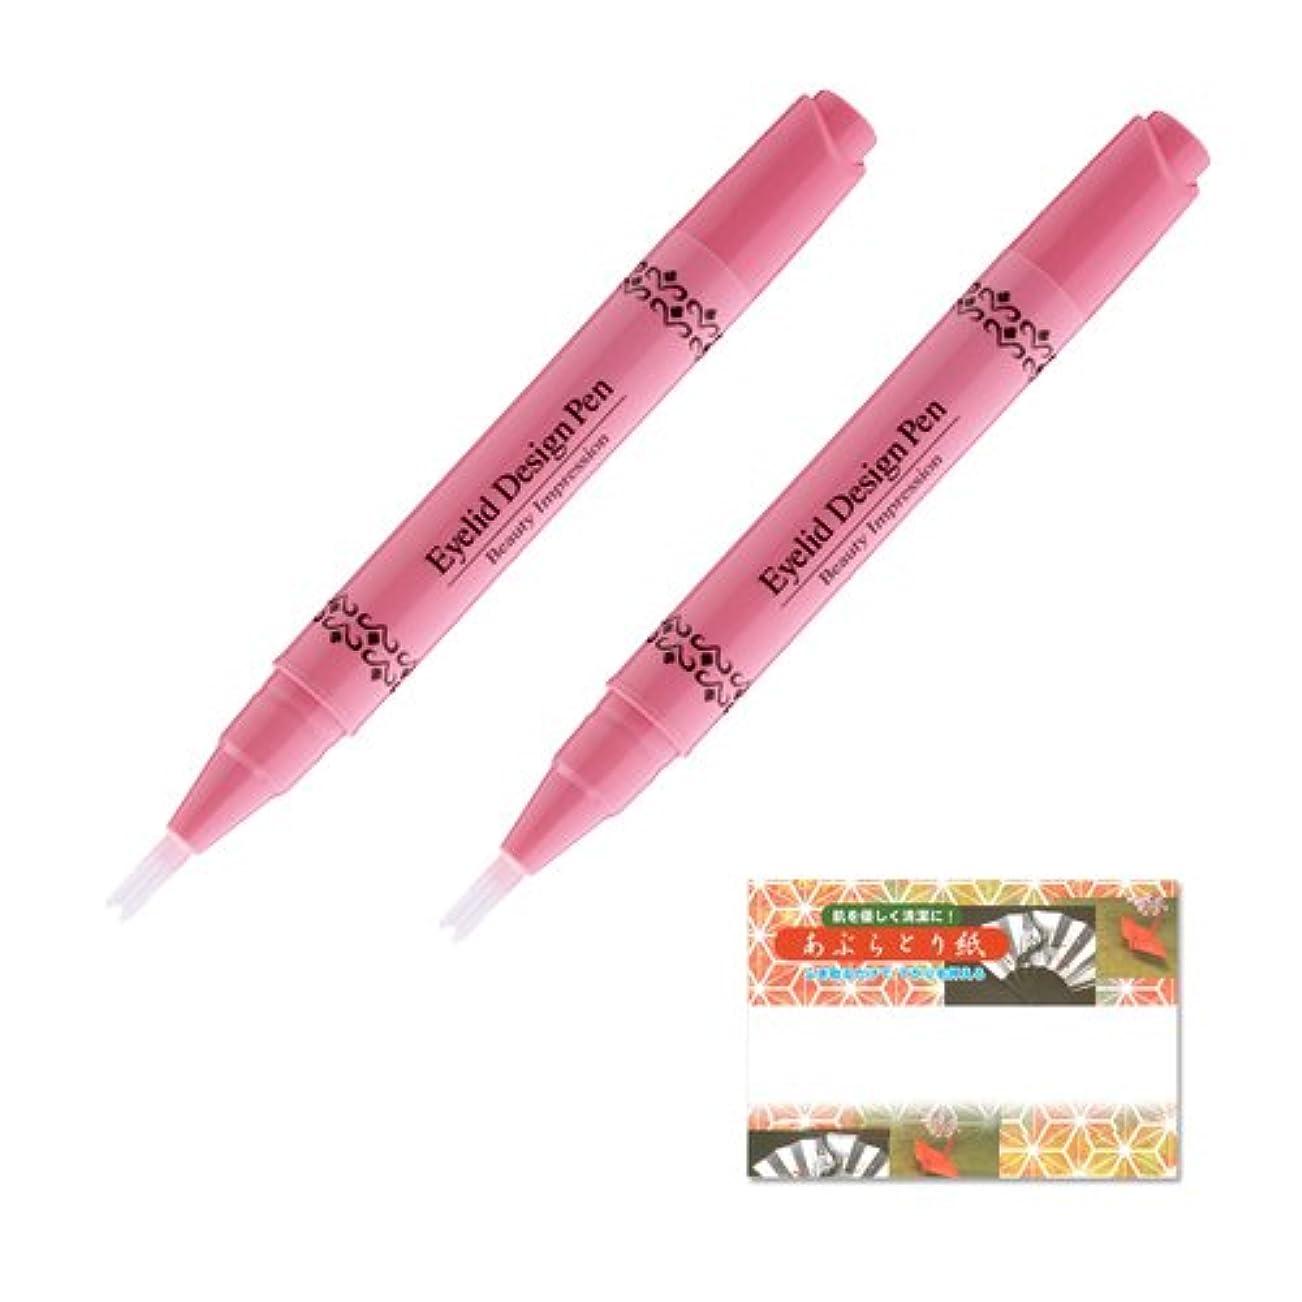 シャツオークションアパルBeauty Impression アイリッドデザインペン 2ml (二重まぶた形成化粧品) ×2組 油取り紙のセット